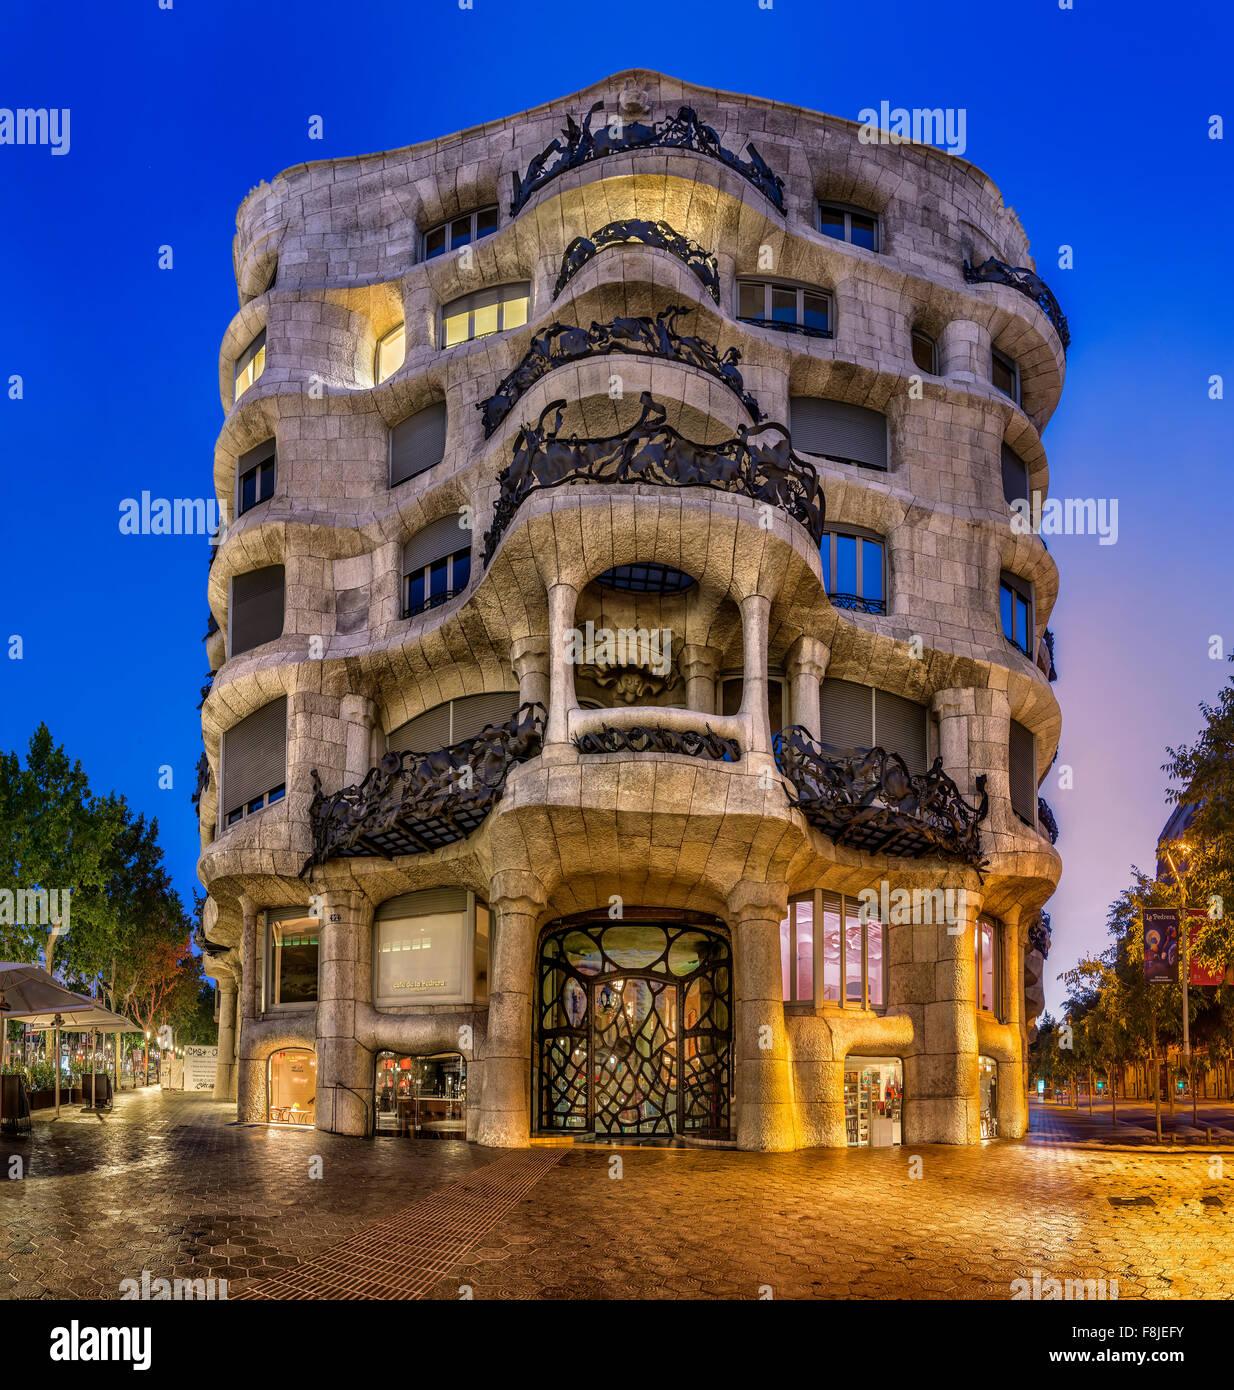 Casa Mila, architetto Antonio Gaudì, Barcellona, in Catalogna, Spagna Immagini Stock